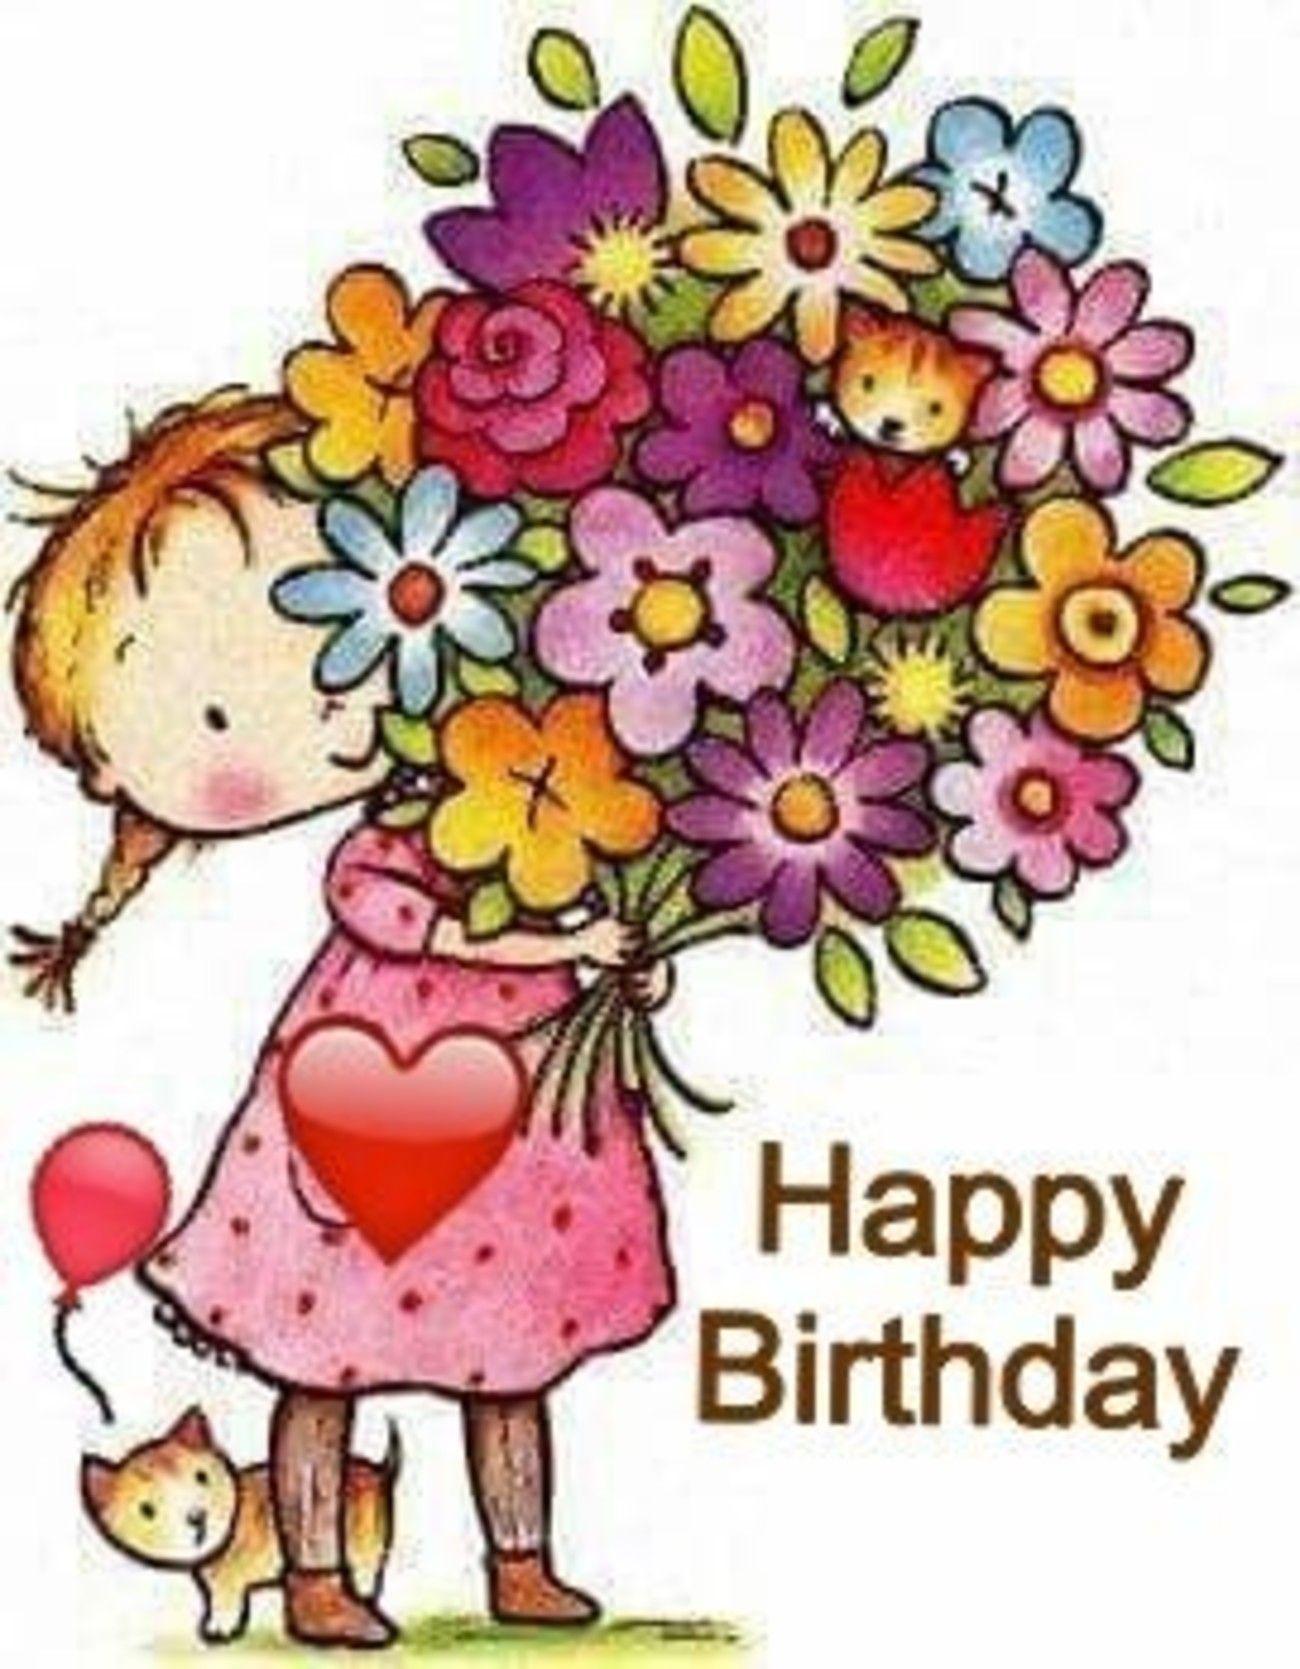 Buon Compleanno Mamma Inglese.Auguri Di Buon Compleanno In Inglese Buongiorno Immagini It